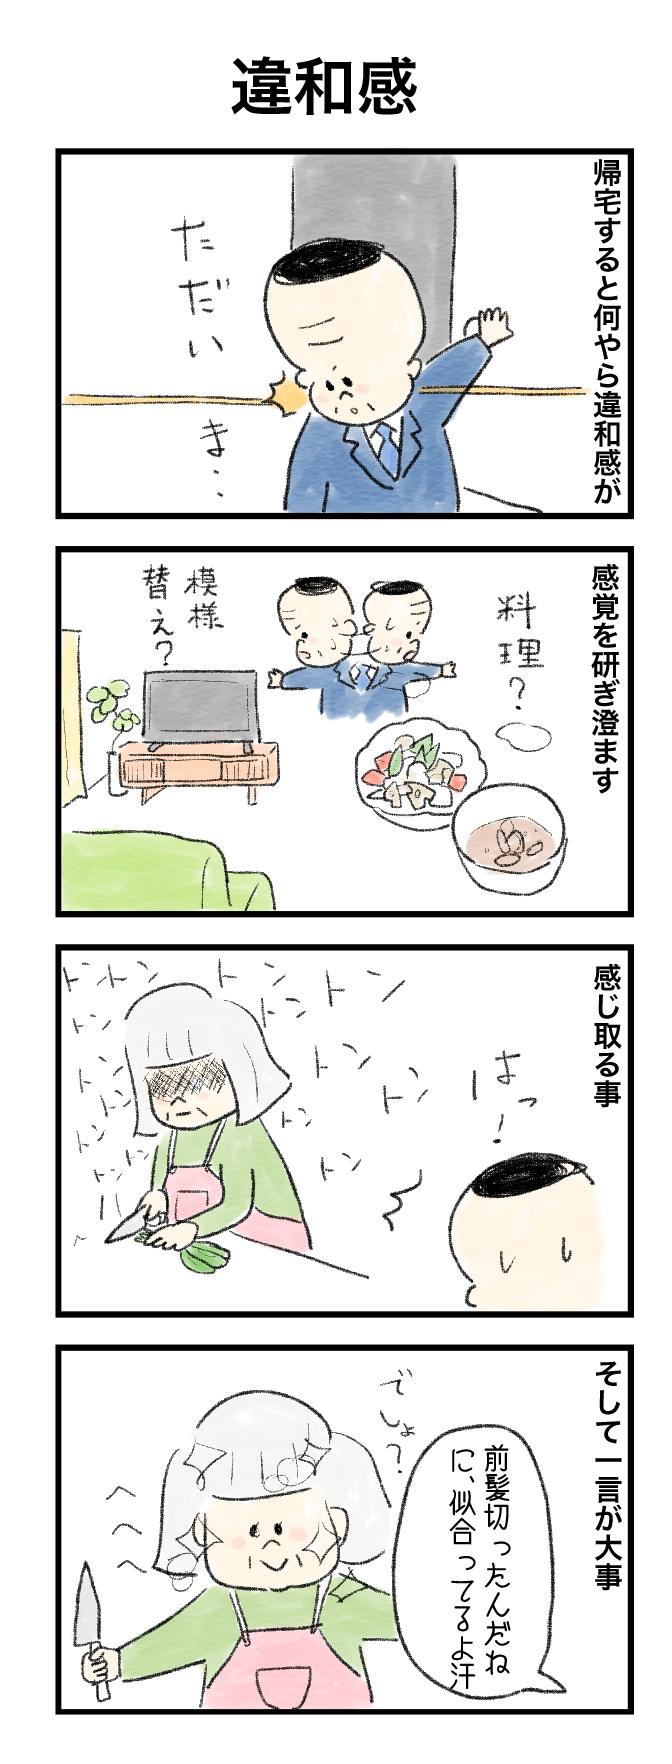 今日の泉谷さん【46】 作:カワサキヒロシ「違和感」